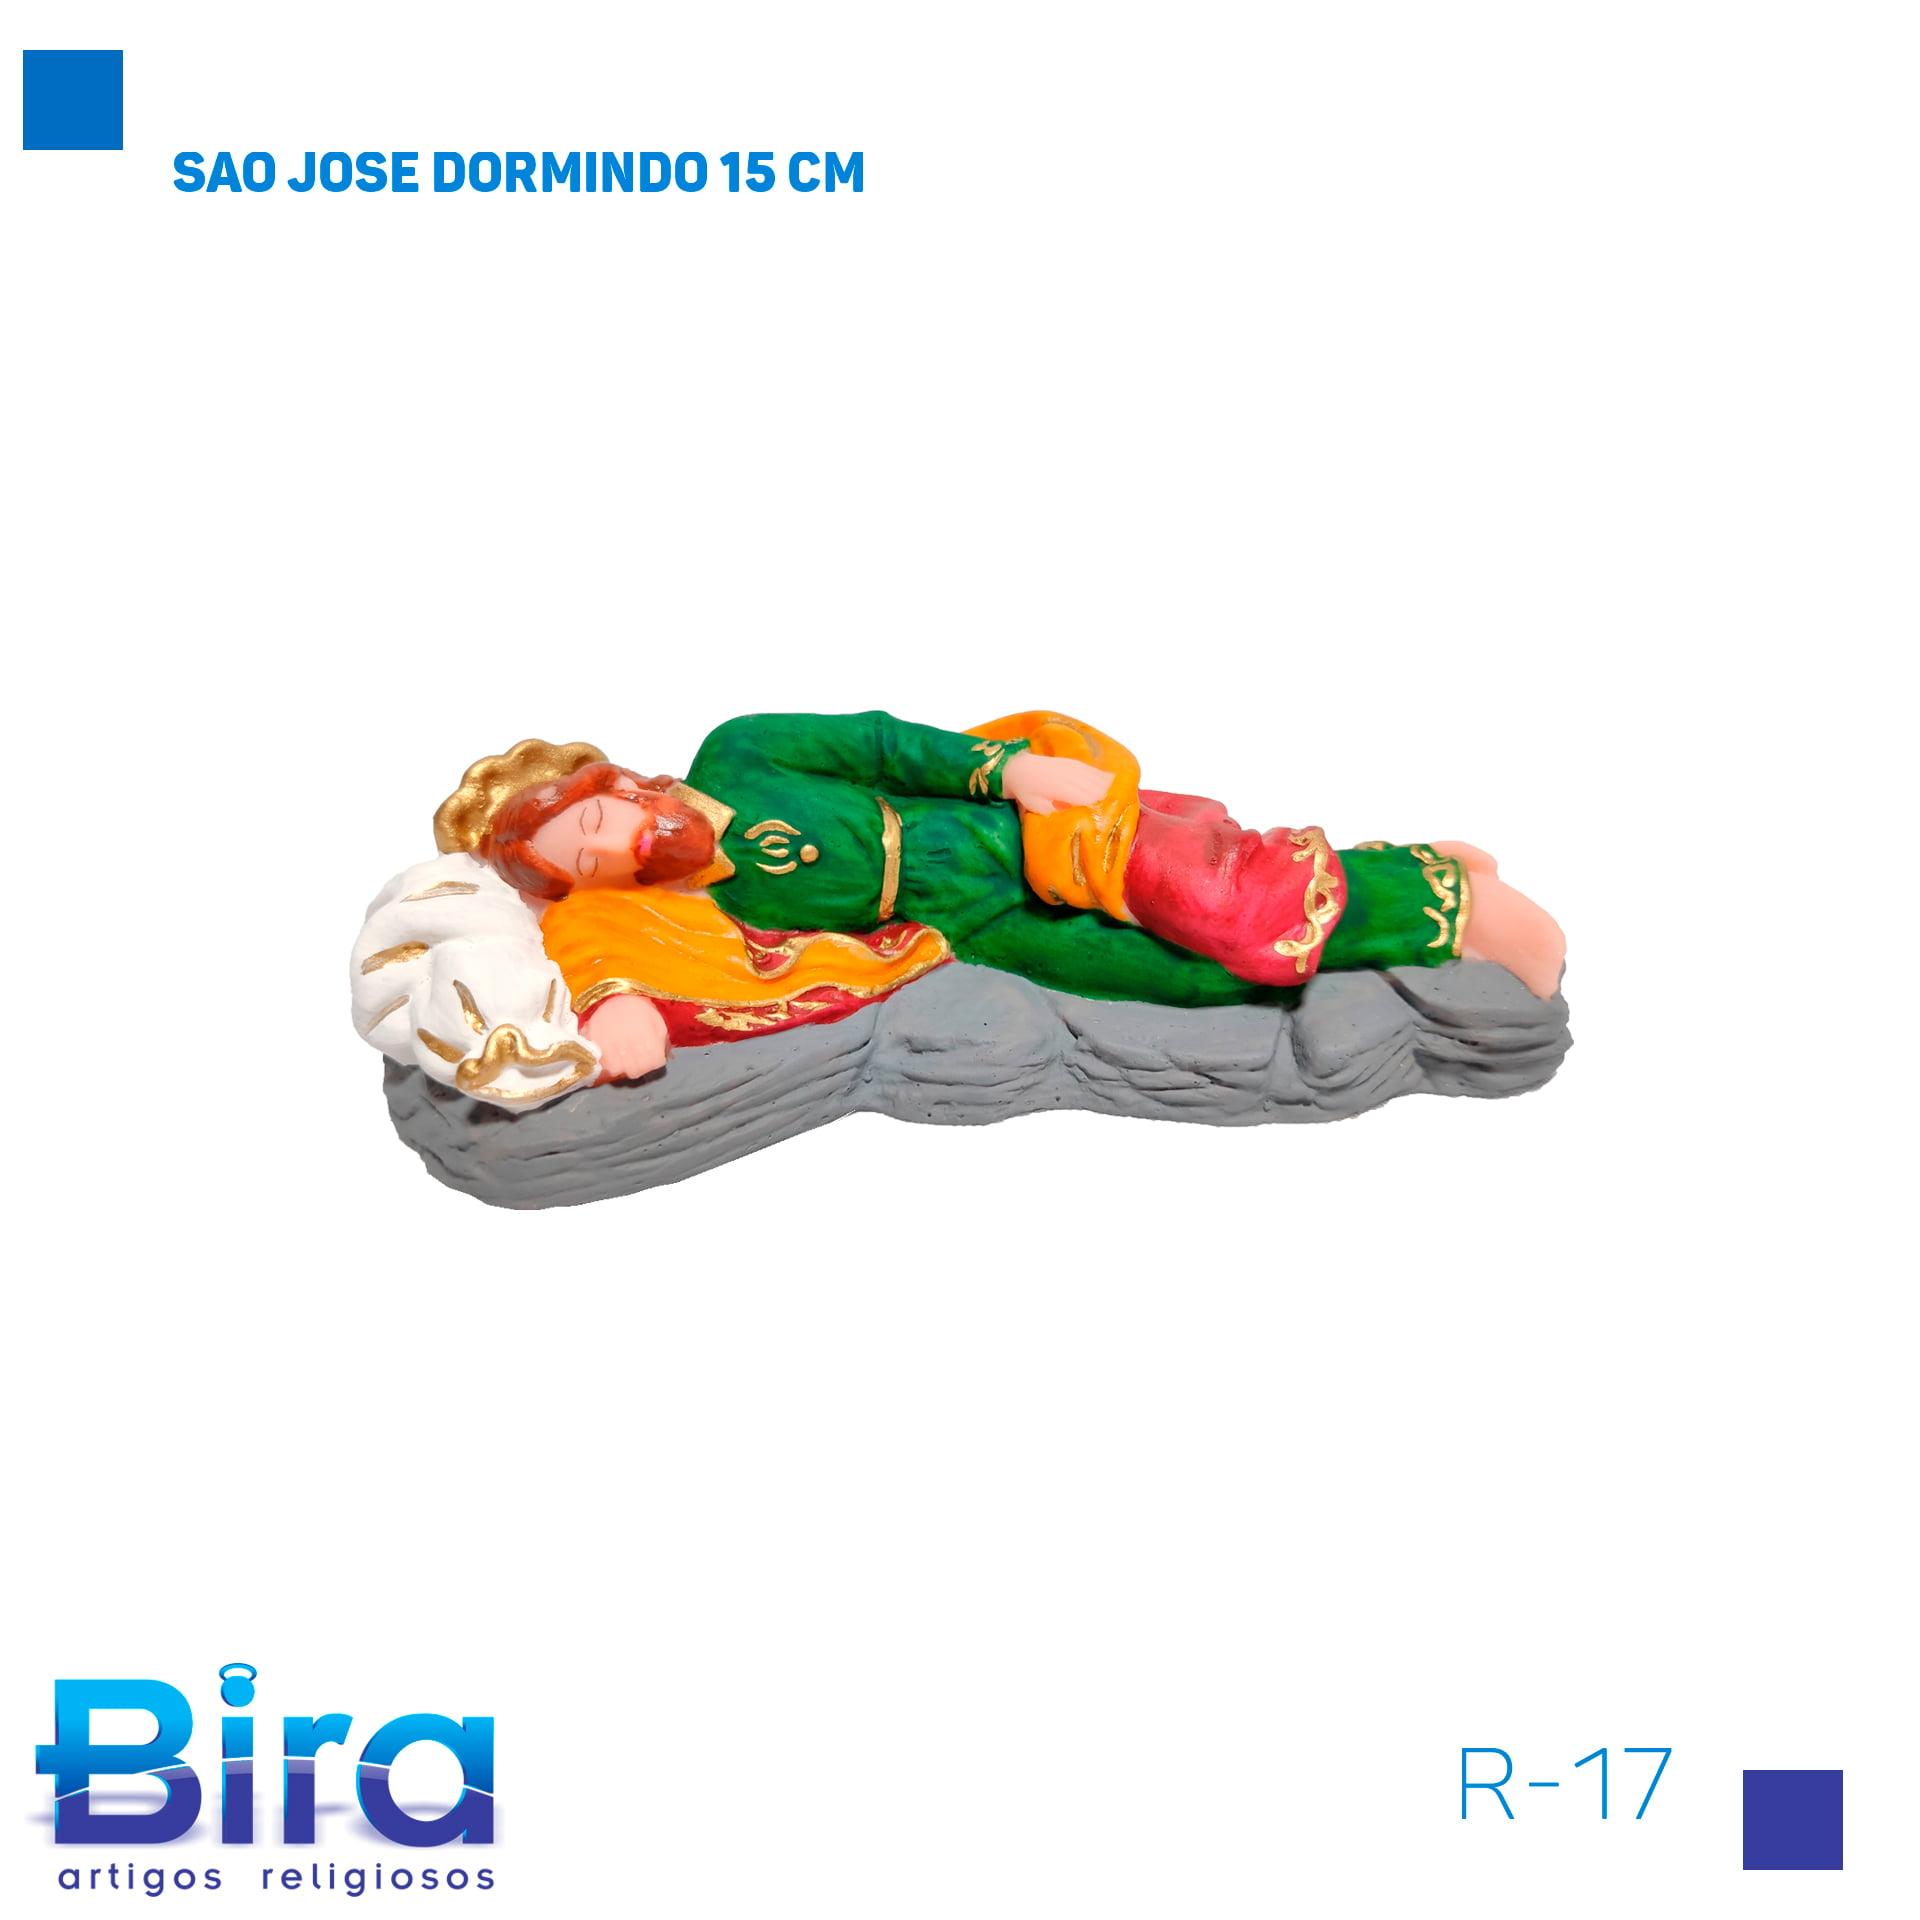 Bira Artigos Religiosos - SAO JOSE DORMINDO 15 CM COD. R-17